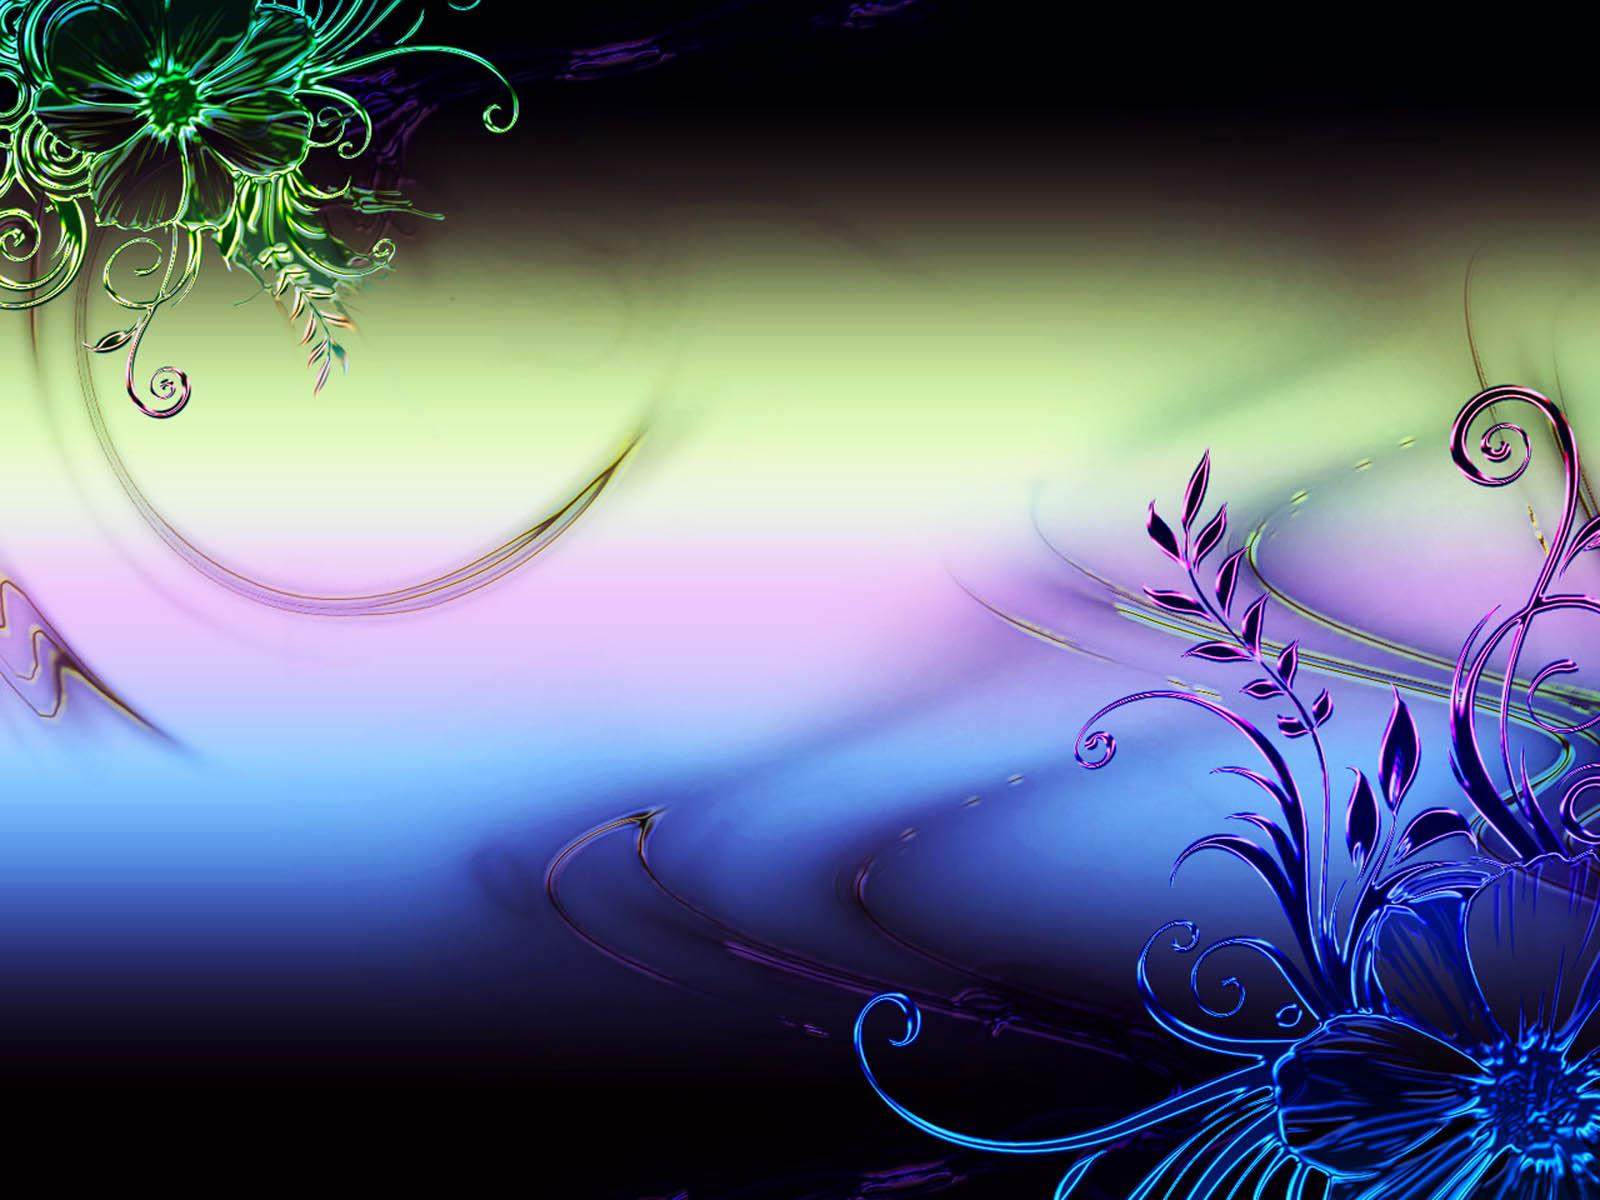 Digital Art Wallpapers   Salon des Refus233s 1600x1200